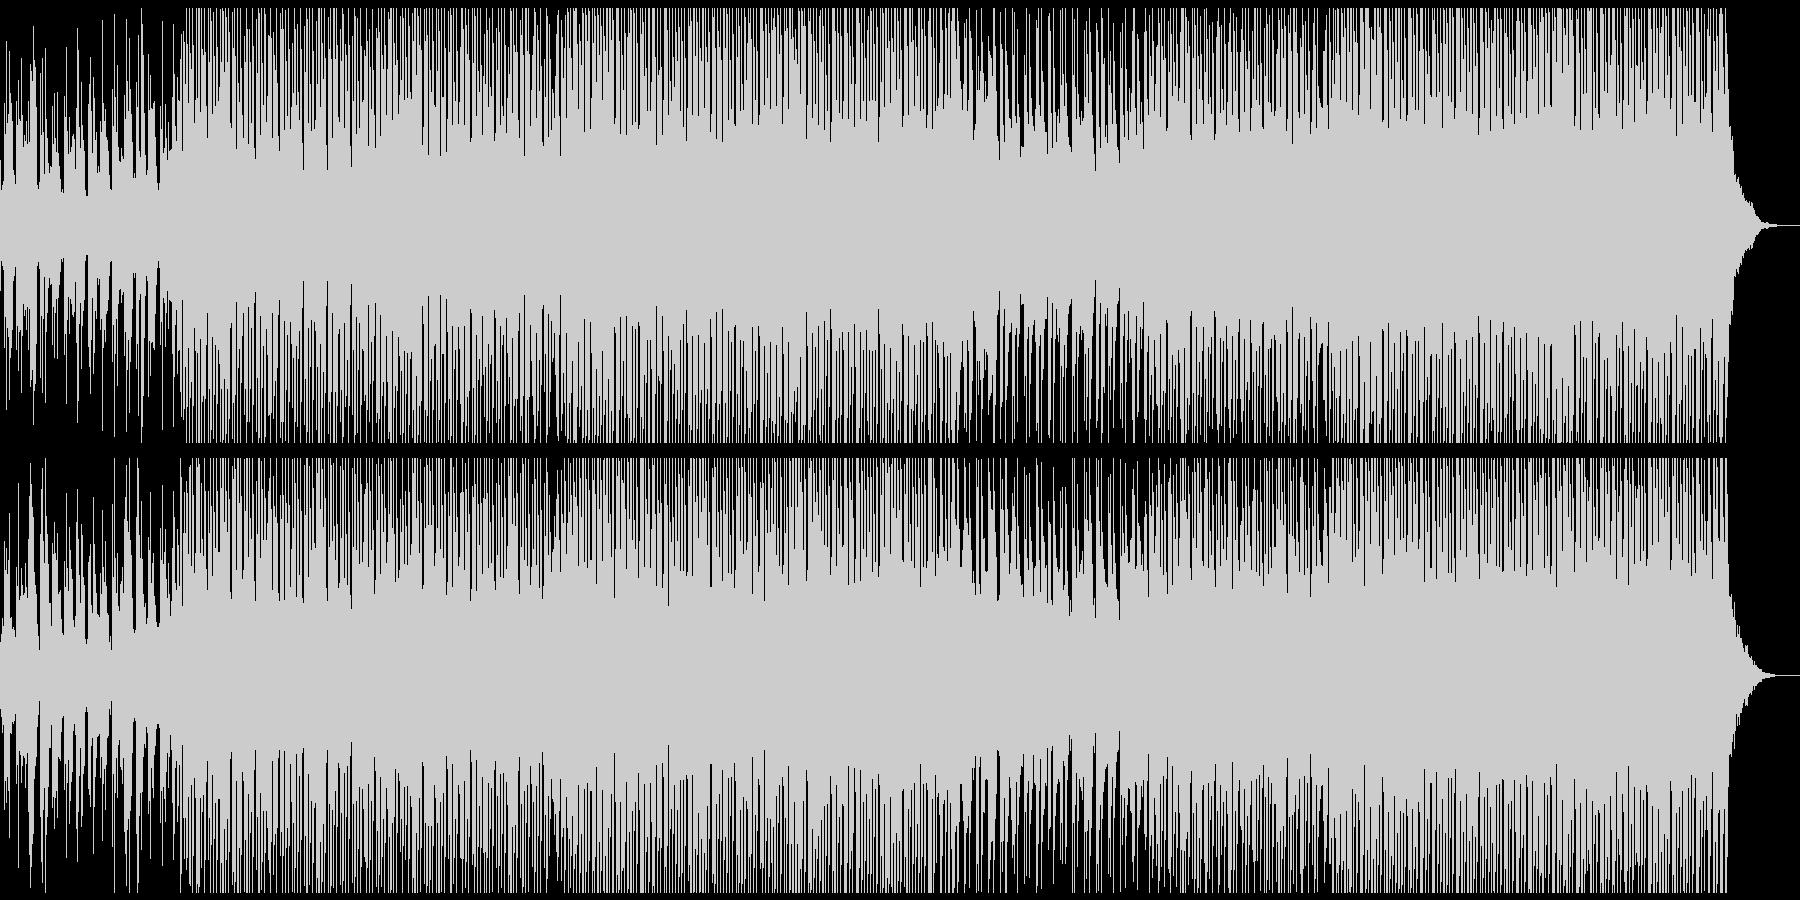 サマーファンの未再生の波形